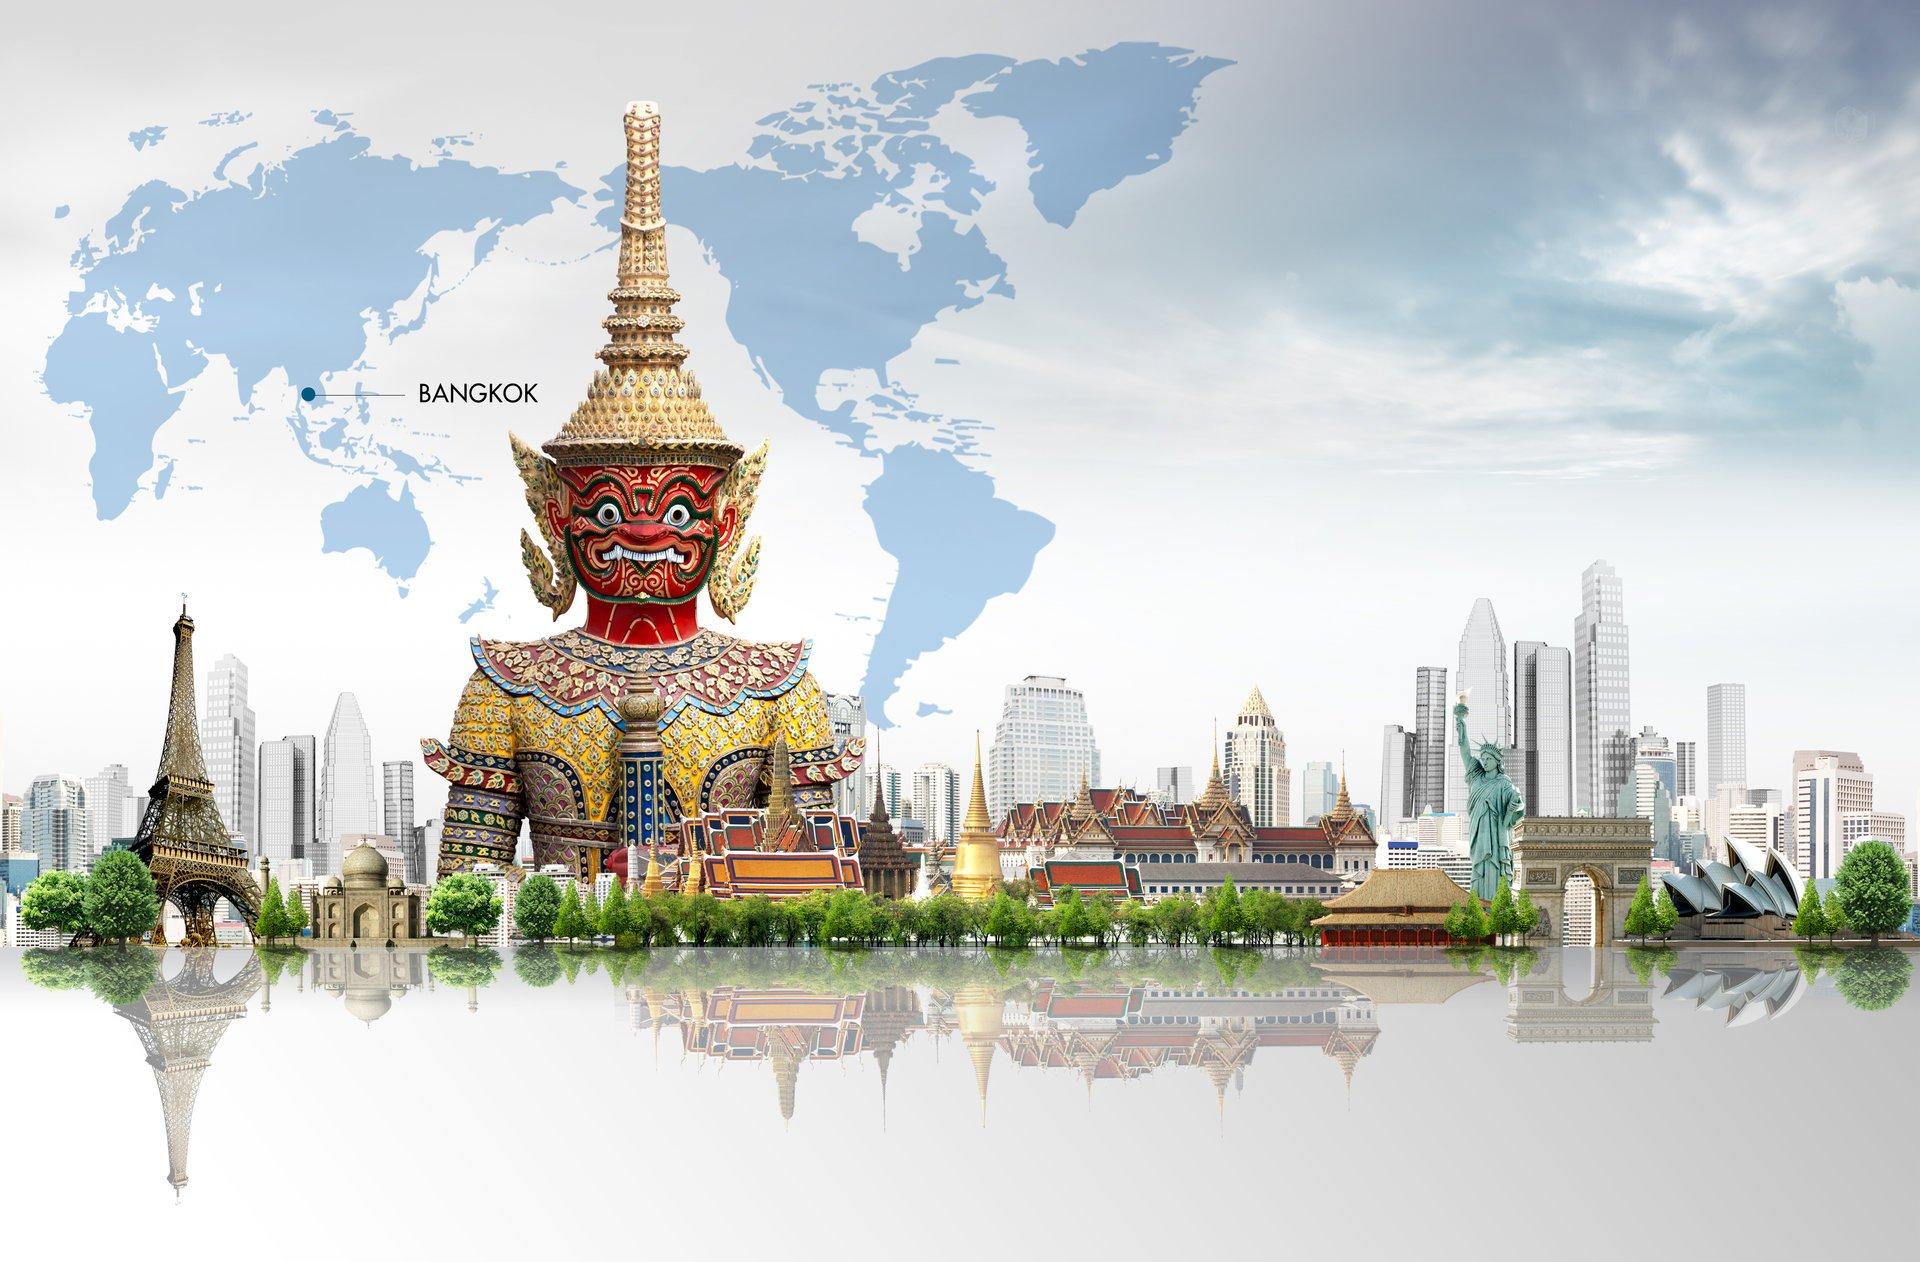 Открытки города страны мира, статусы жизни смыслом